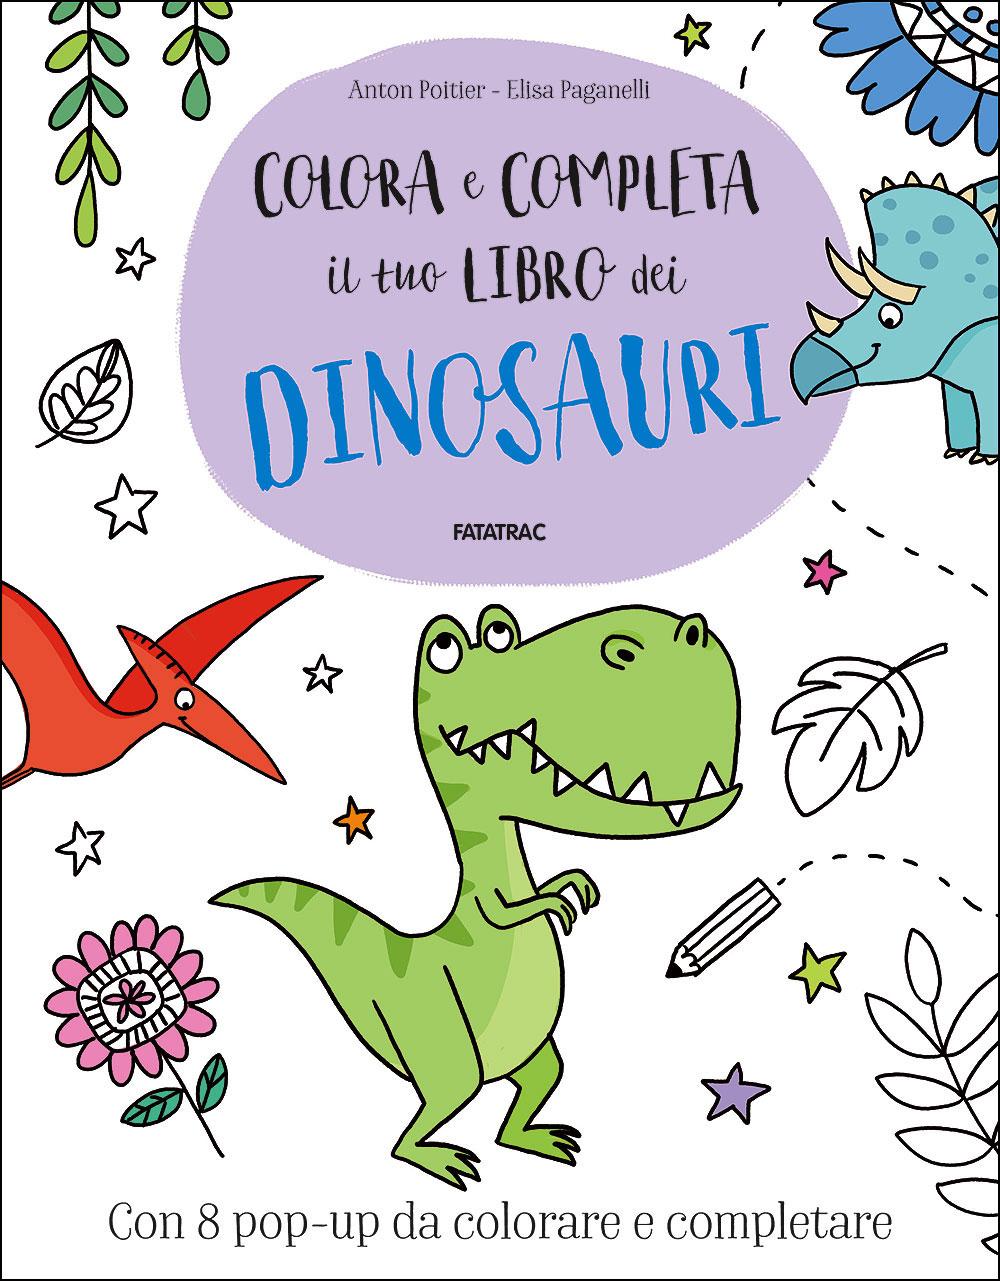 Colora e completa il tuo libro dei Dinosauri